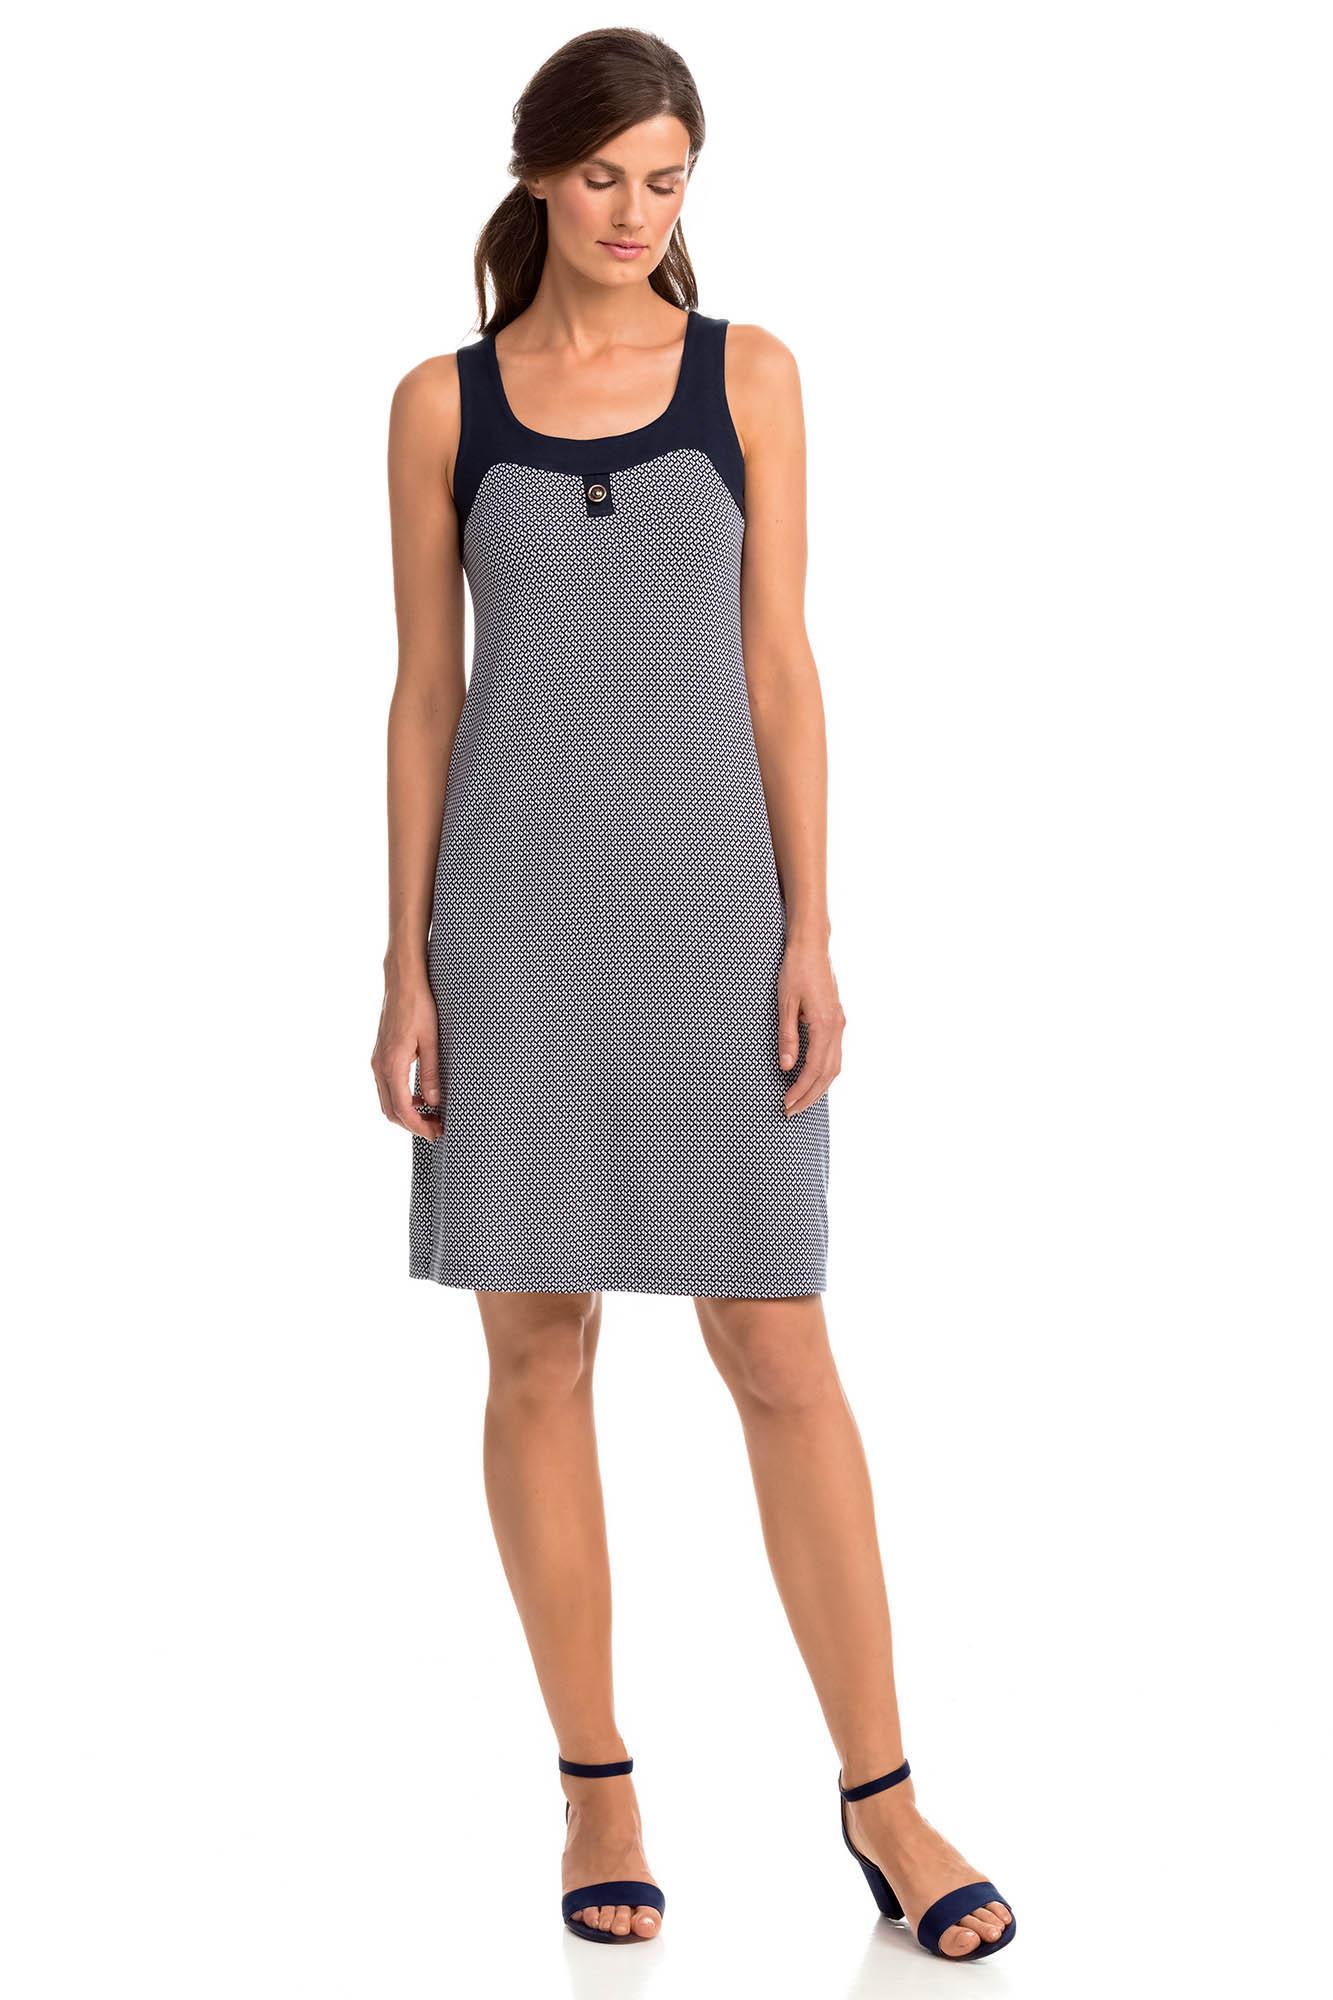 Vamp - Elegantní vzorované dámské šaty BLUE M 14455 - Vamp